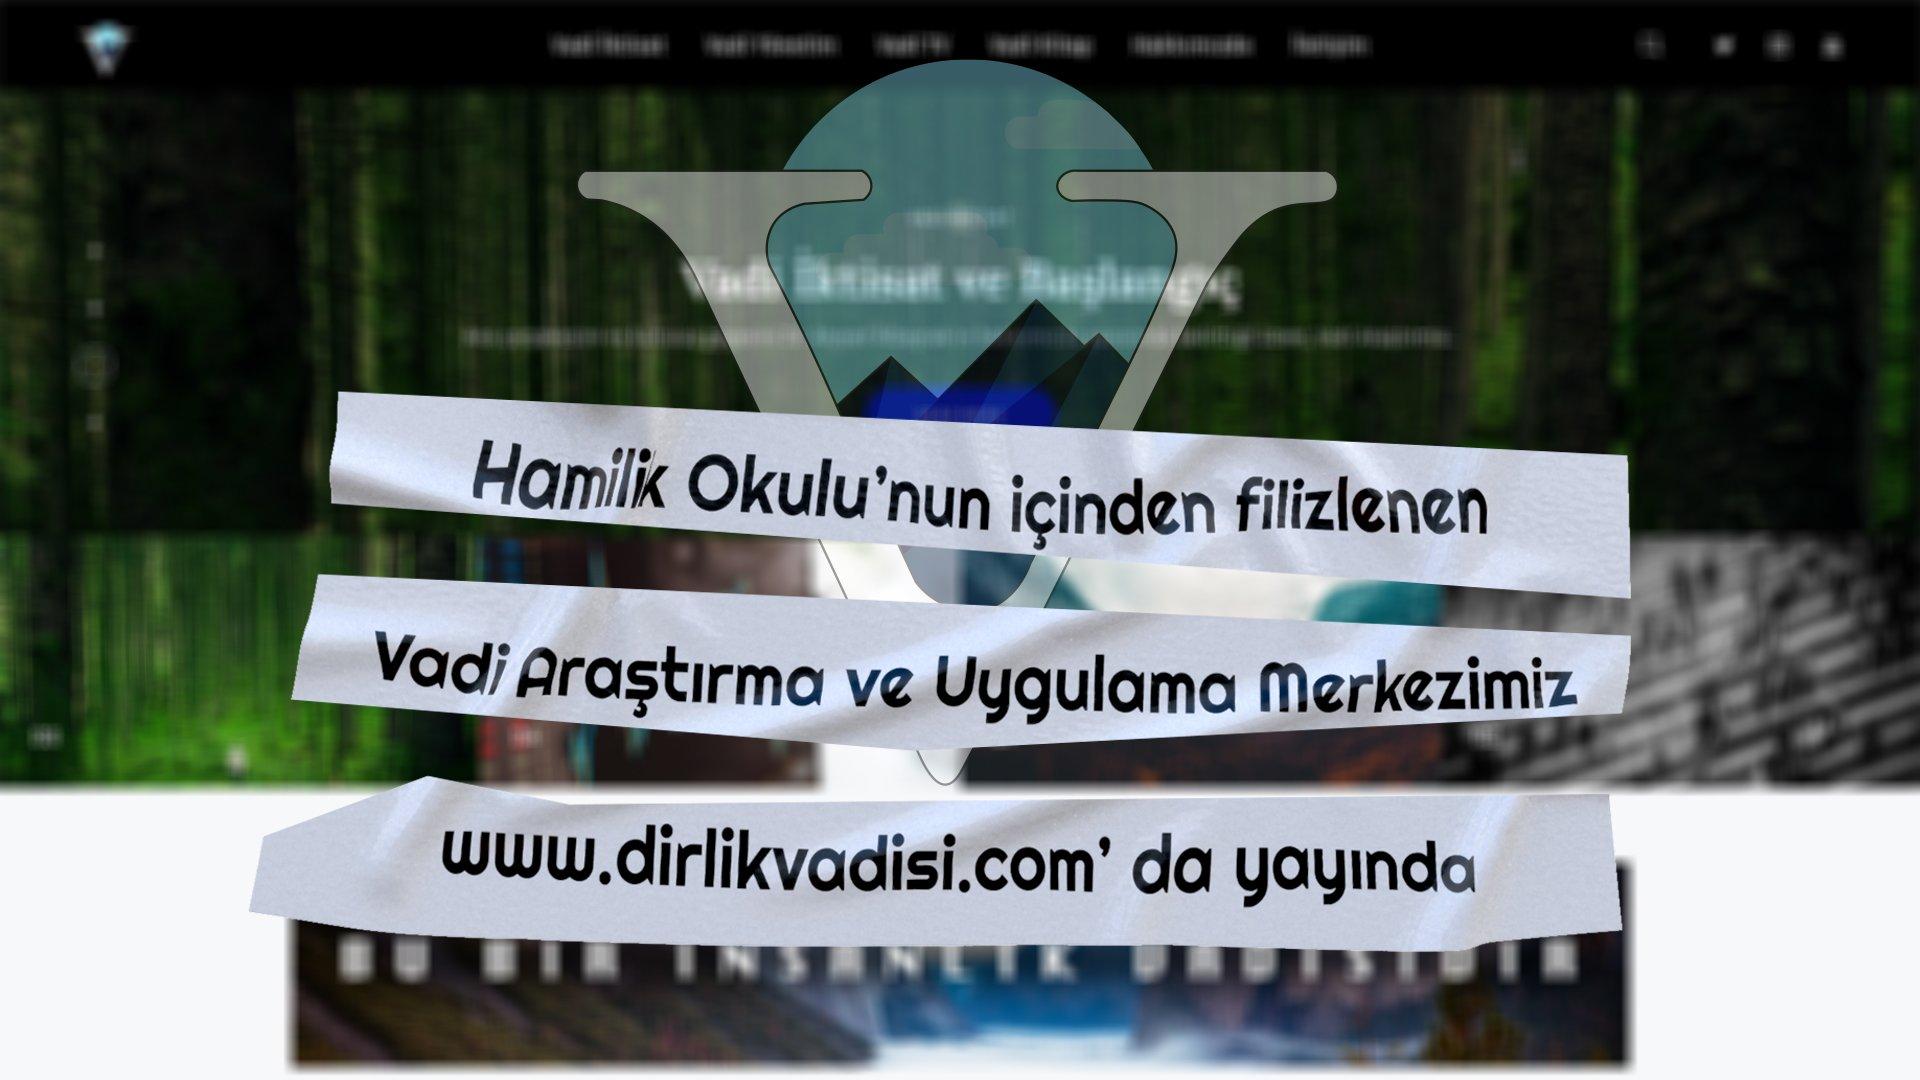 Vadi Araştırma ve Uygulama Merkezi www.dirlikvadisi.com' da Yayında! post thumbnail